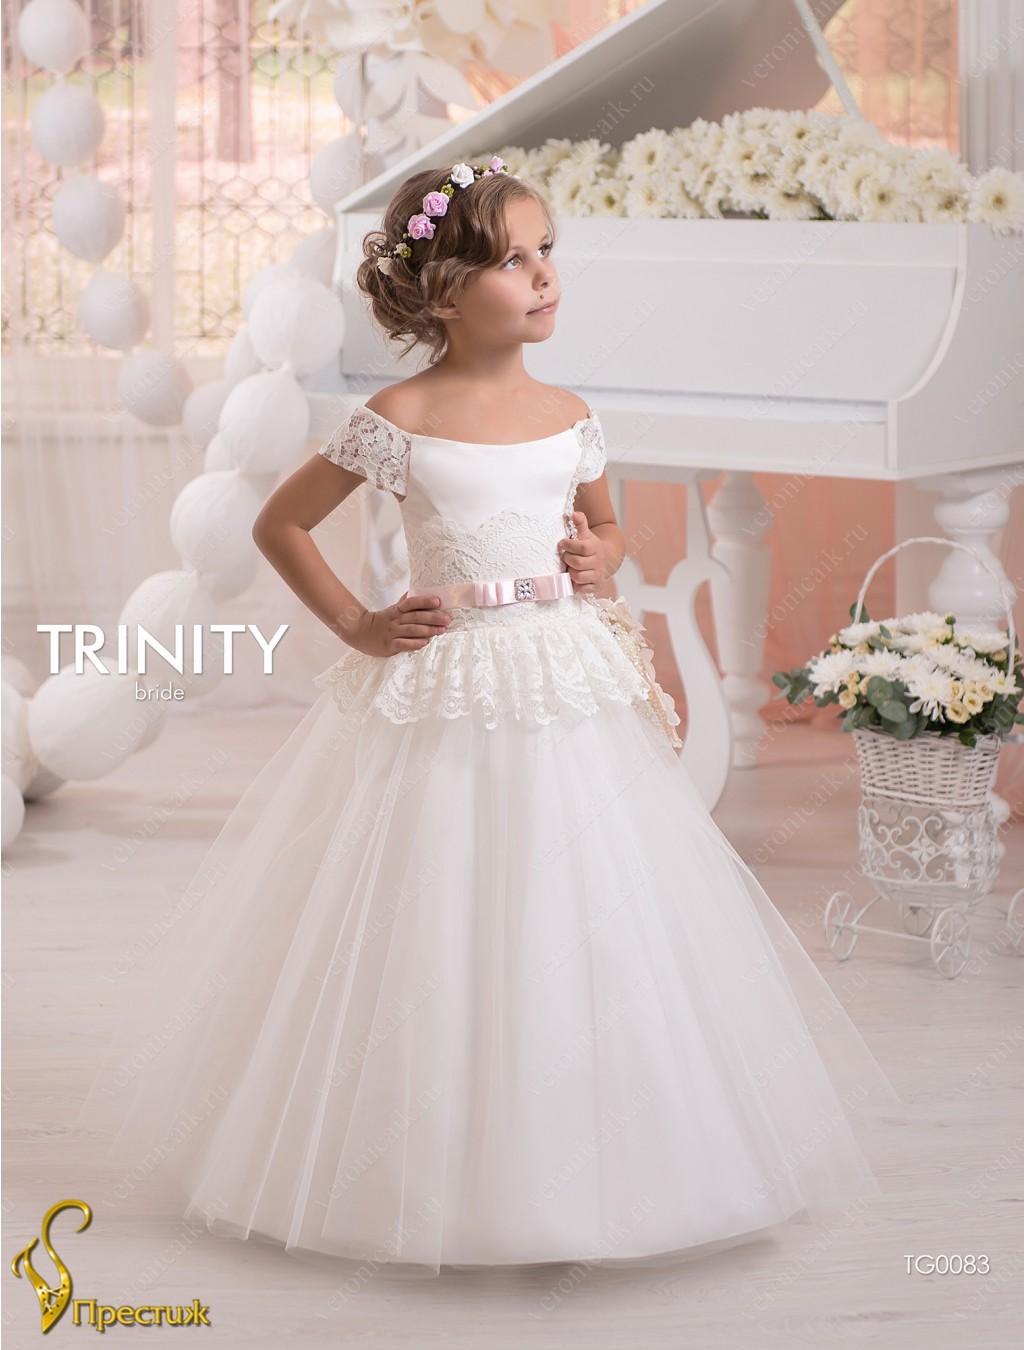 Сбор заказов. Распродажа. Праздничные, красивые платьица для ваших принцесс VeronicaiK - 46. В гостях у сказки